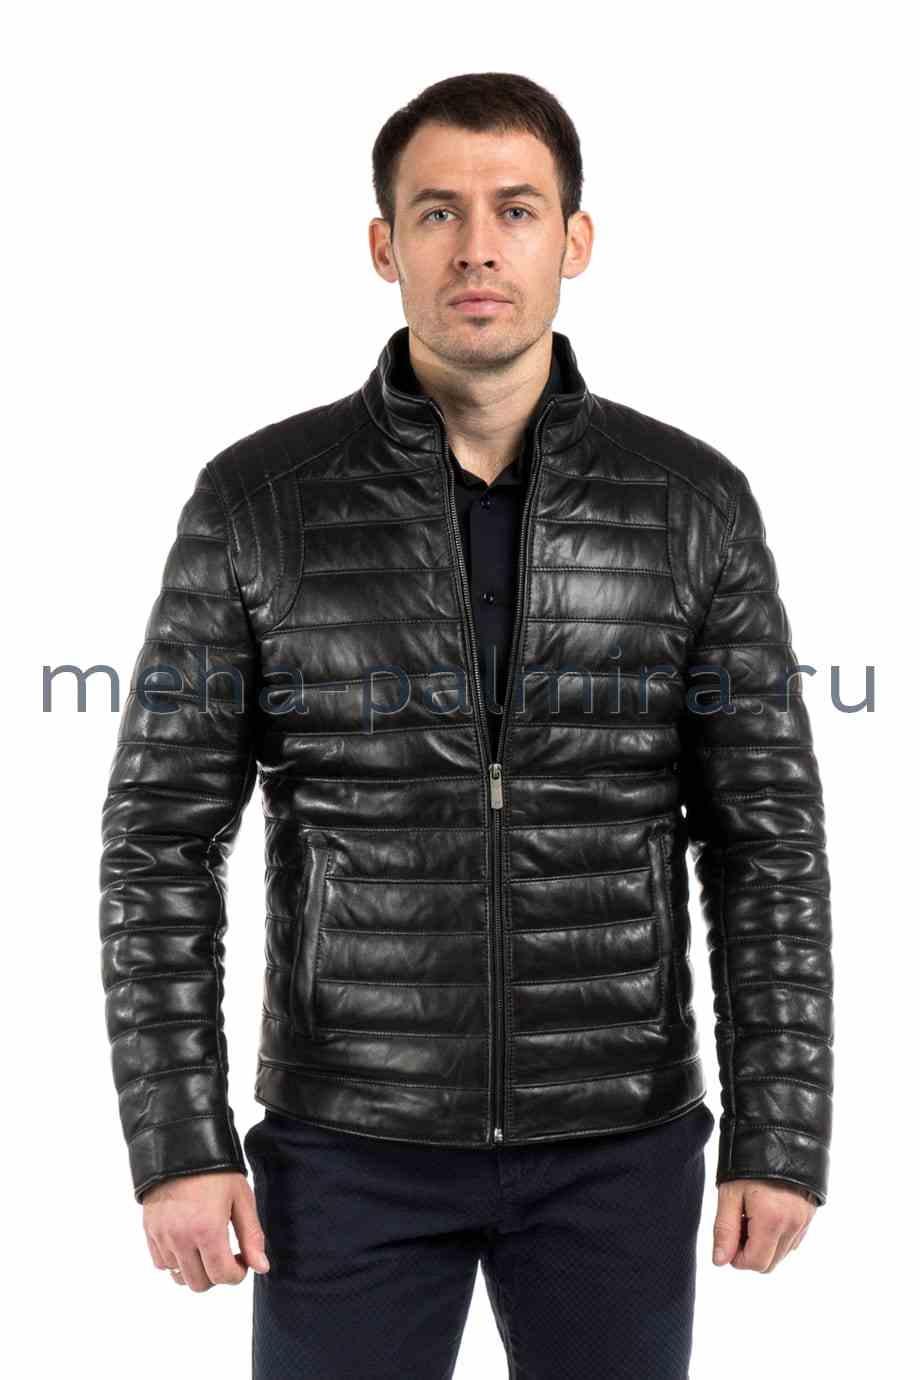 Утепленная кожаная куртка для весны черного цвета